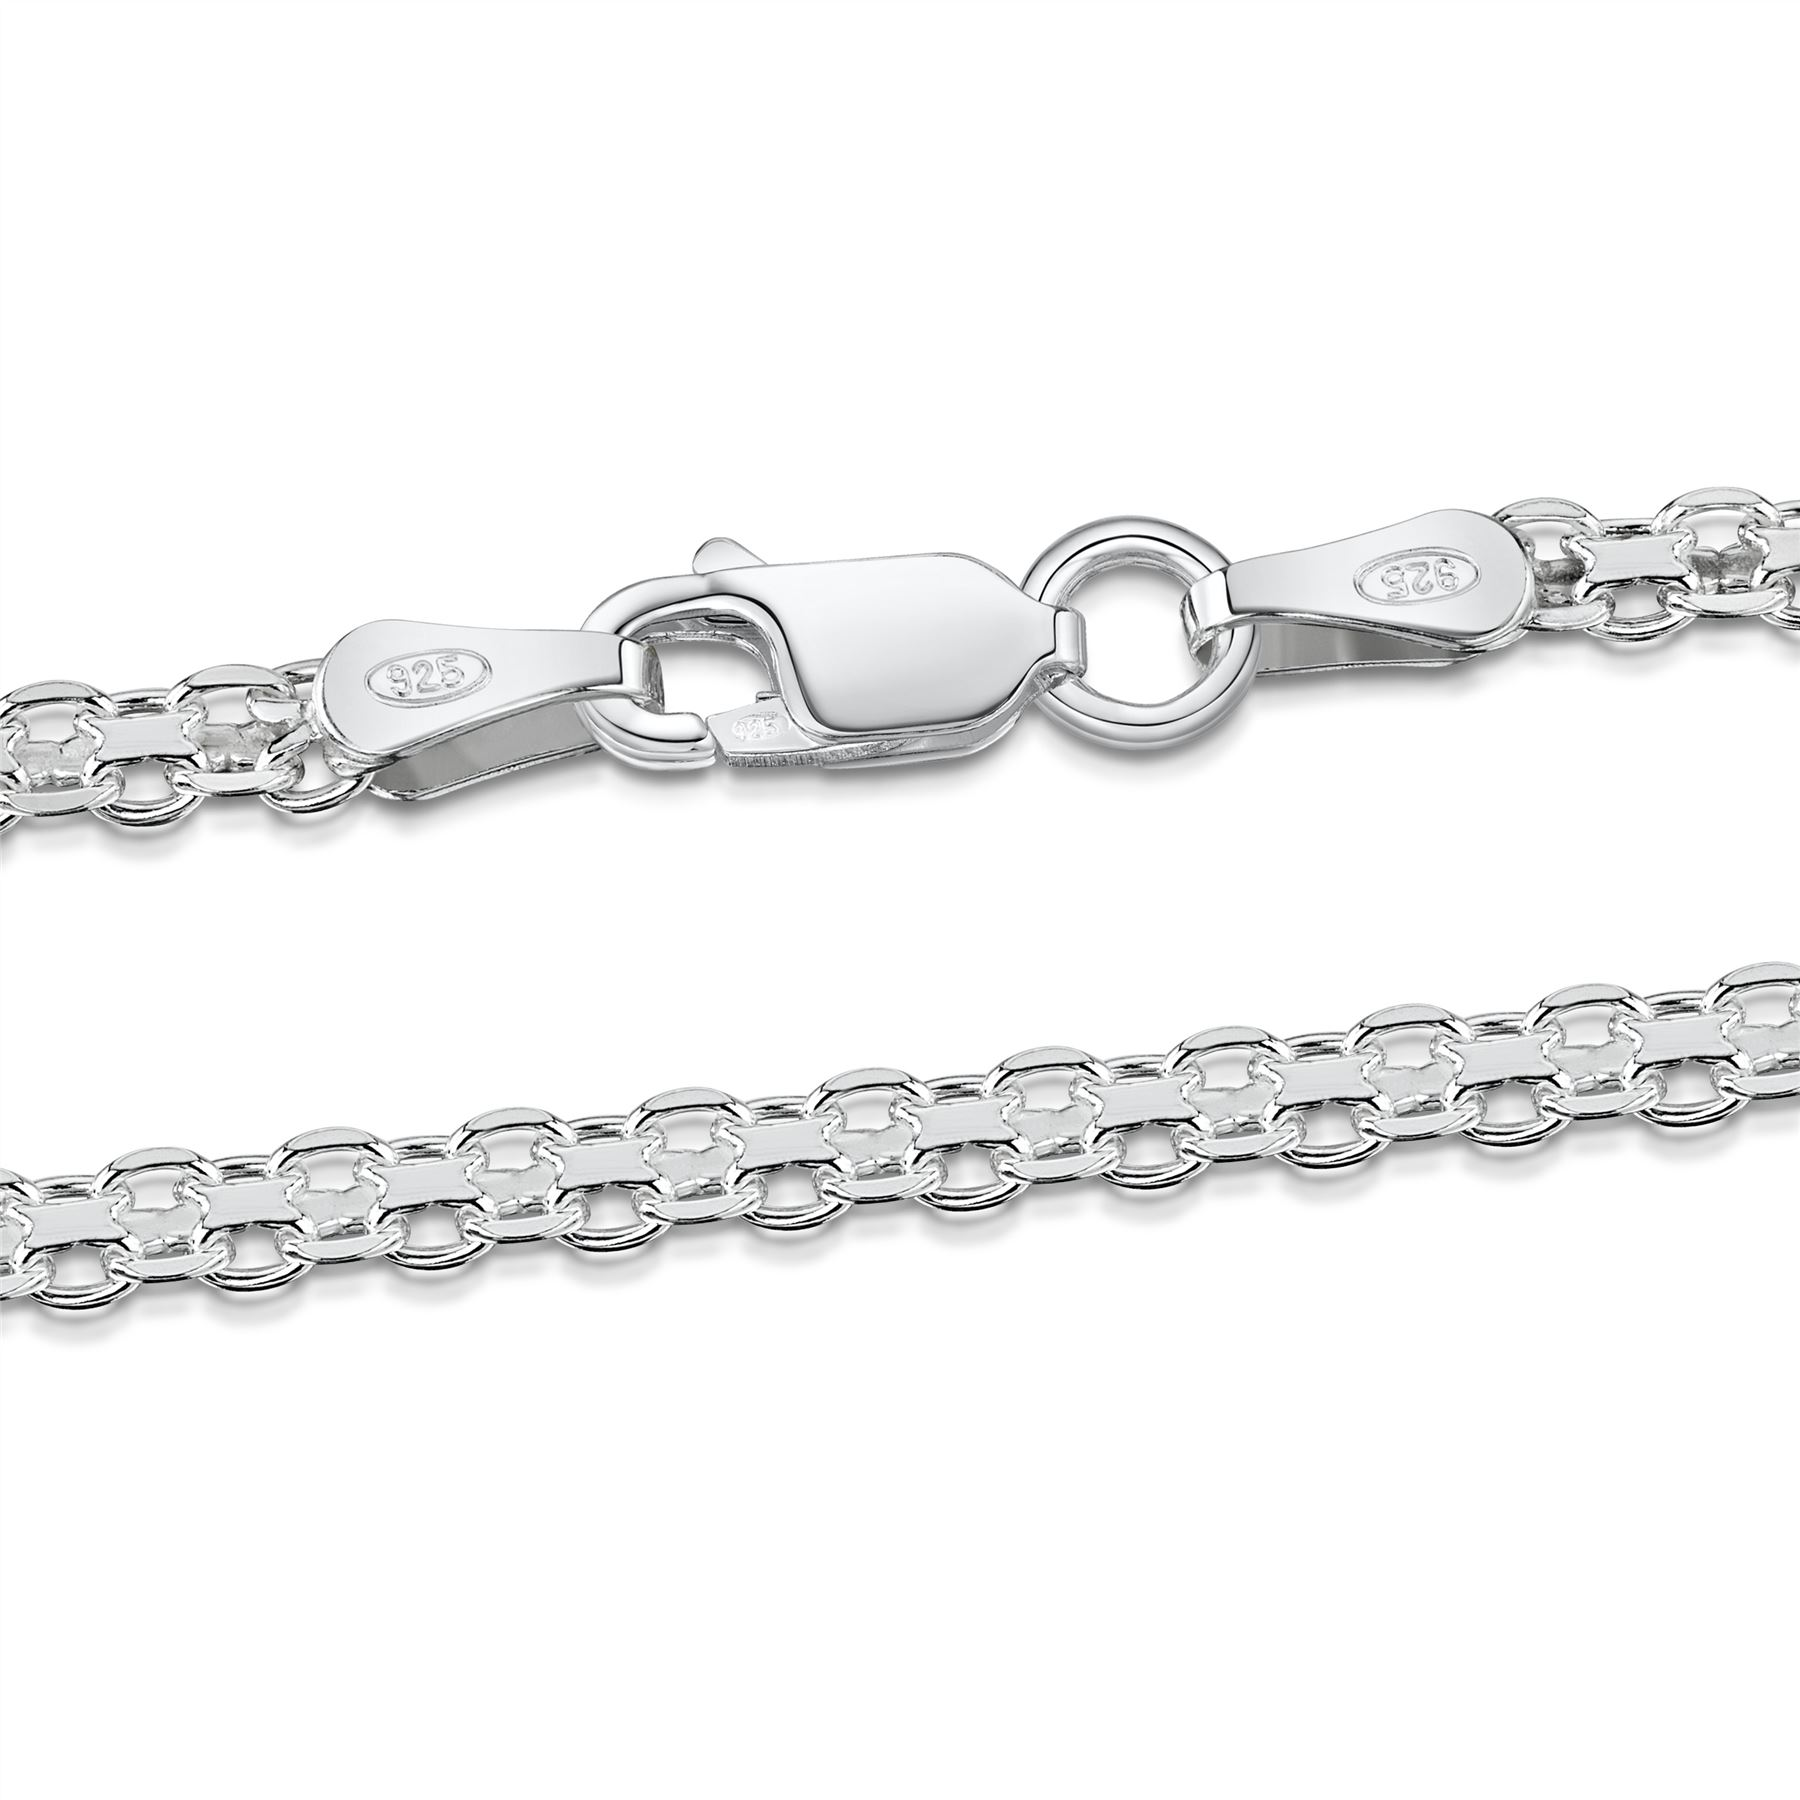 Amberta-Bijoux-Bracelet-en-Vrai-Argent-Sterling-925-Chaine-pour-Femme-a-la-Mode thumbnail 58